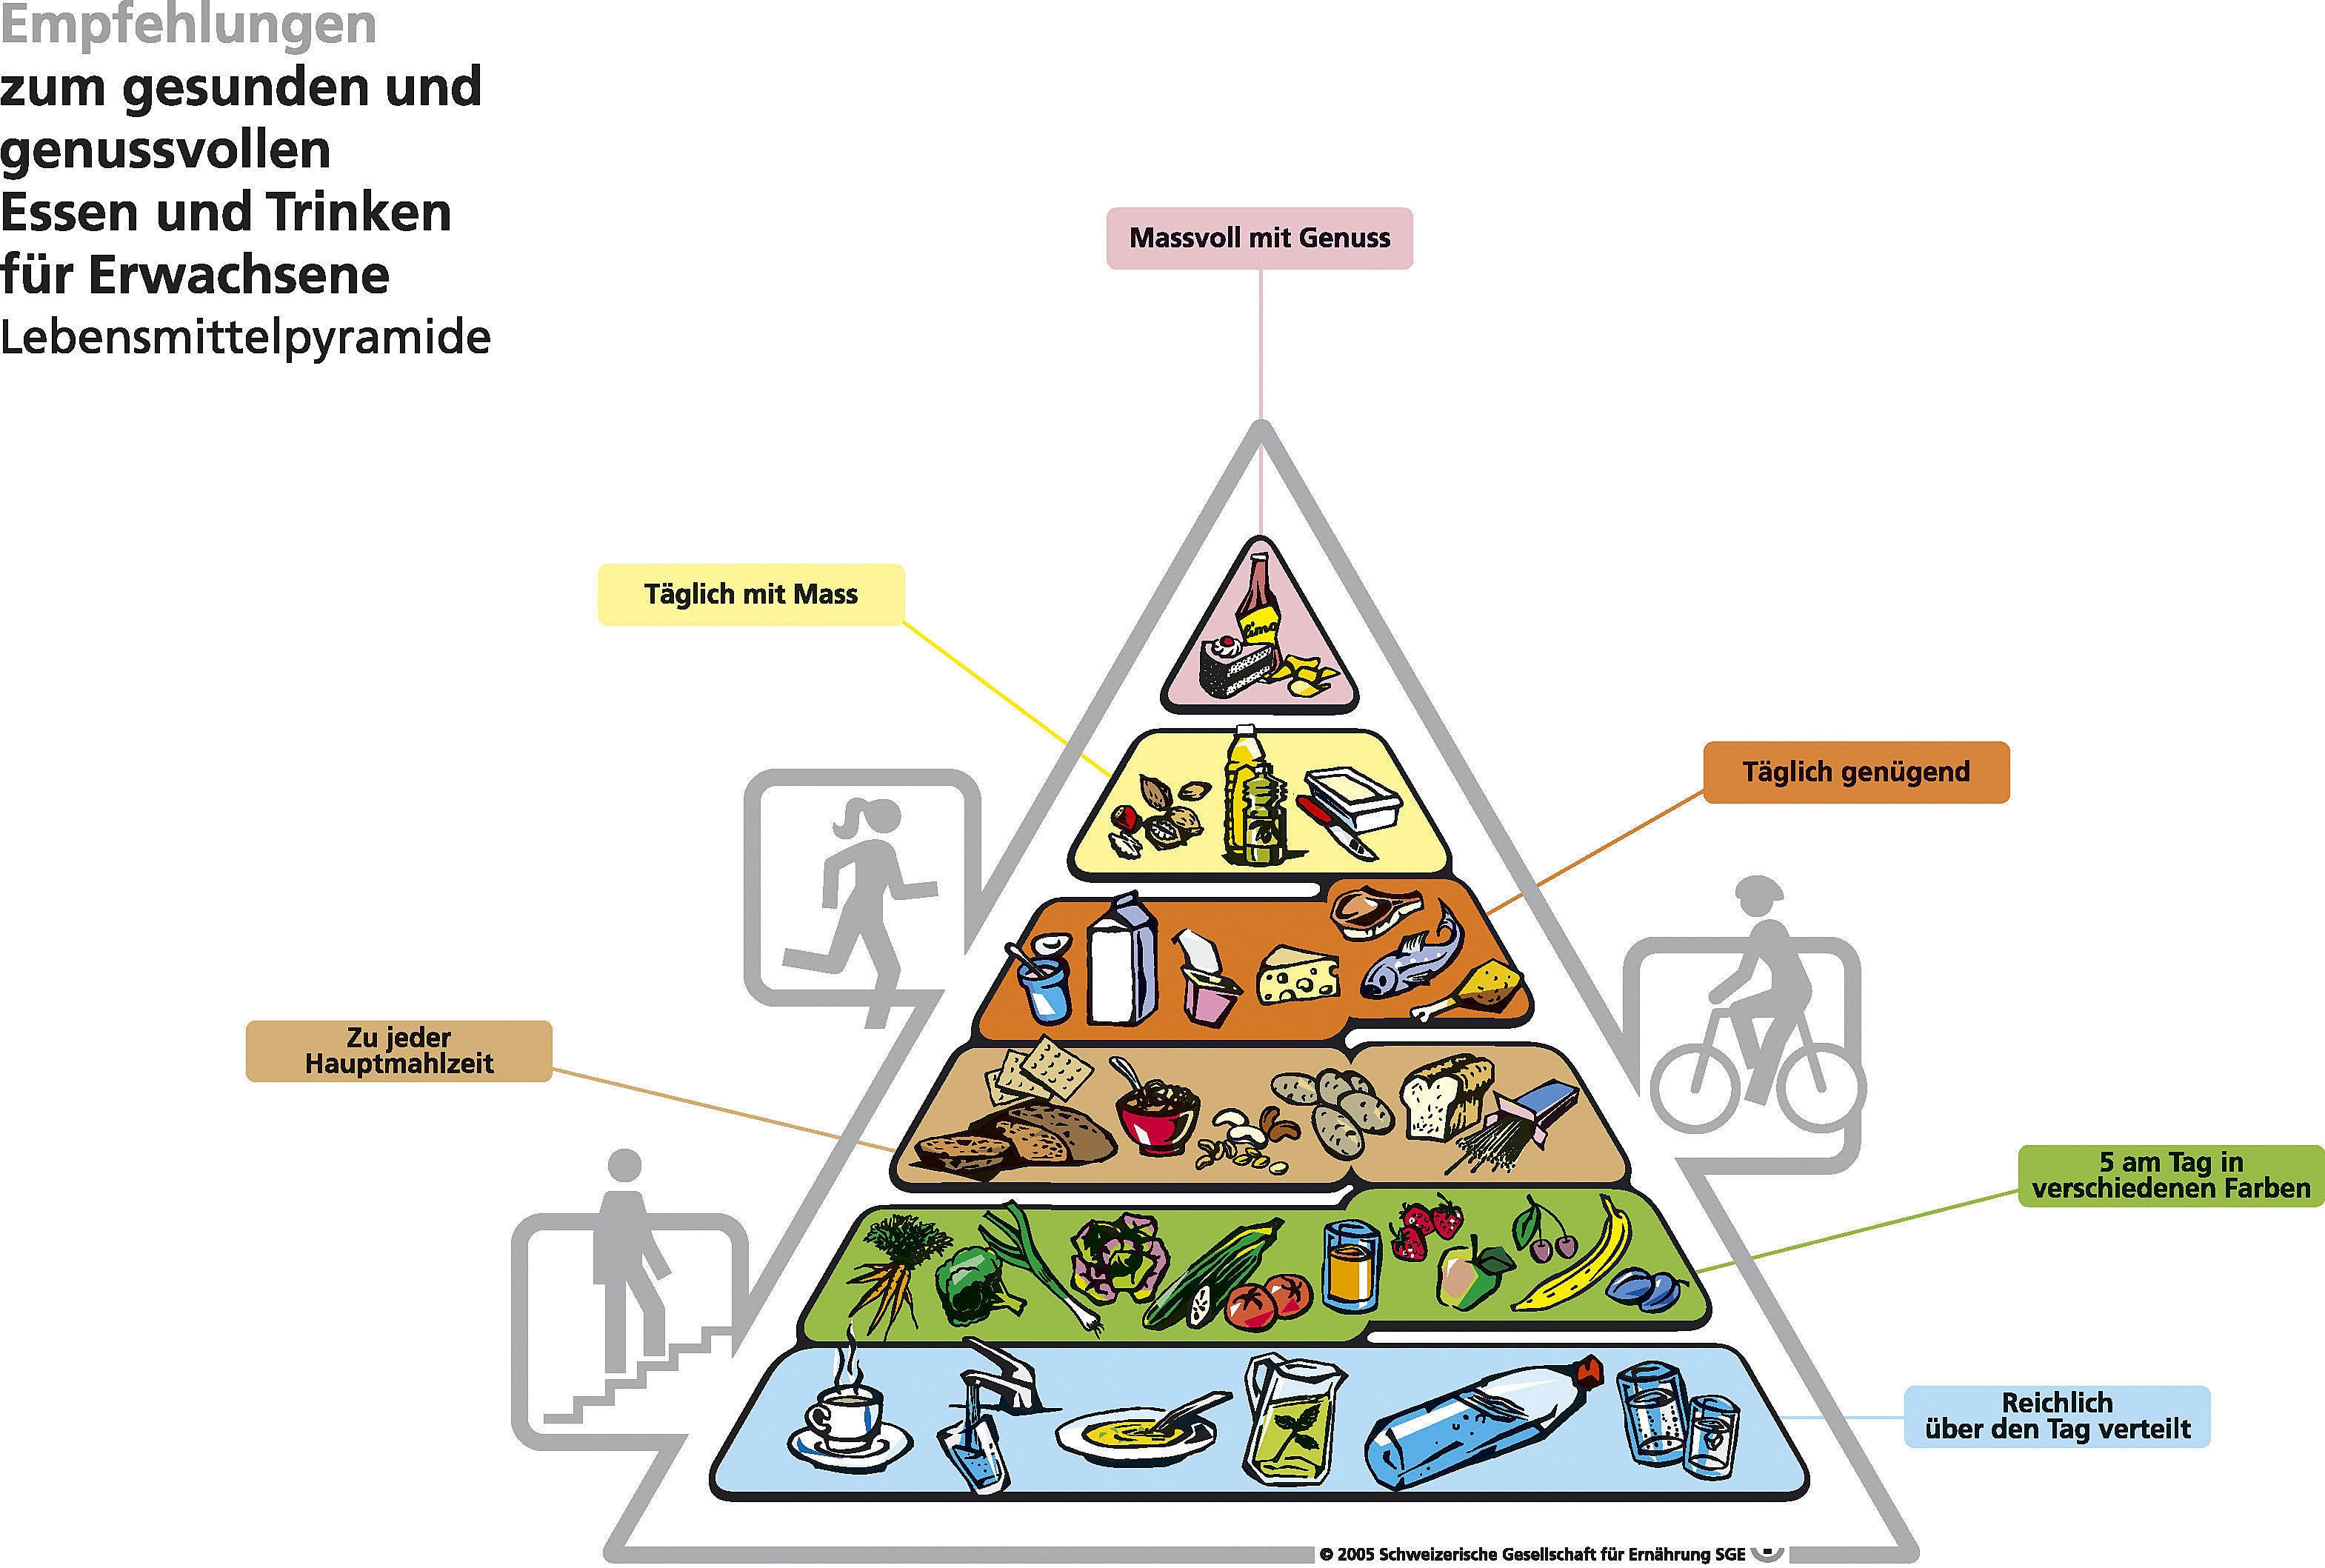 Die Flüssigkeitszufuhr ist die Basis unserer Ernährung